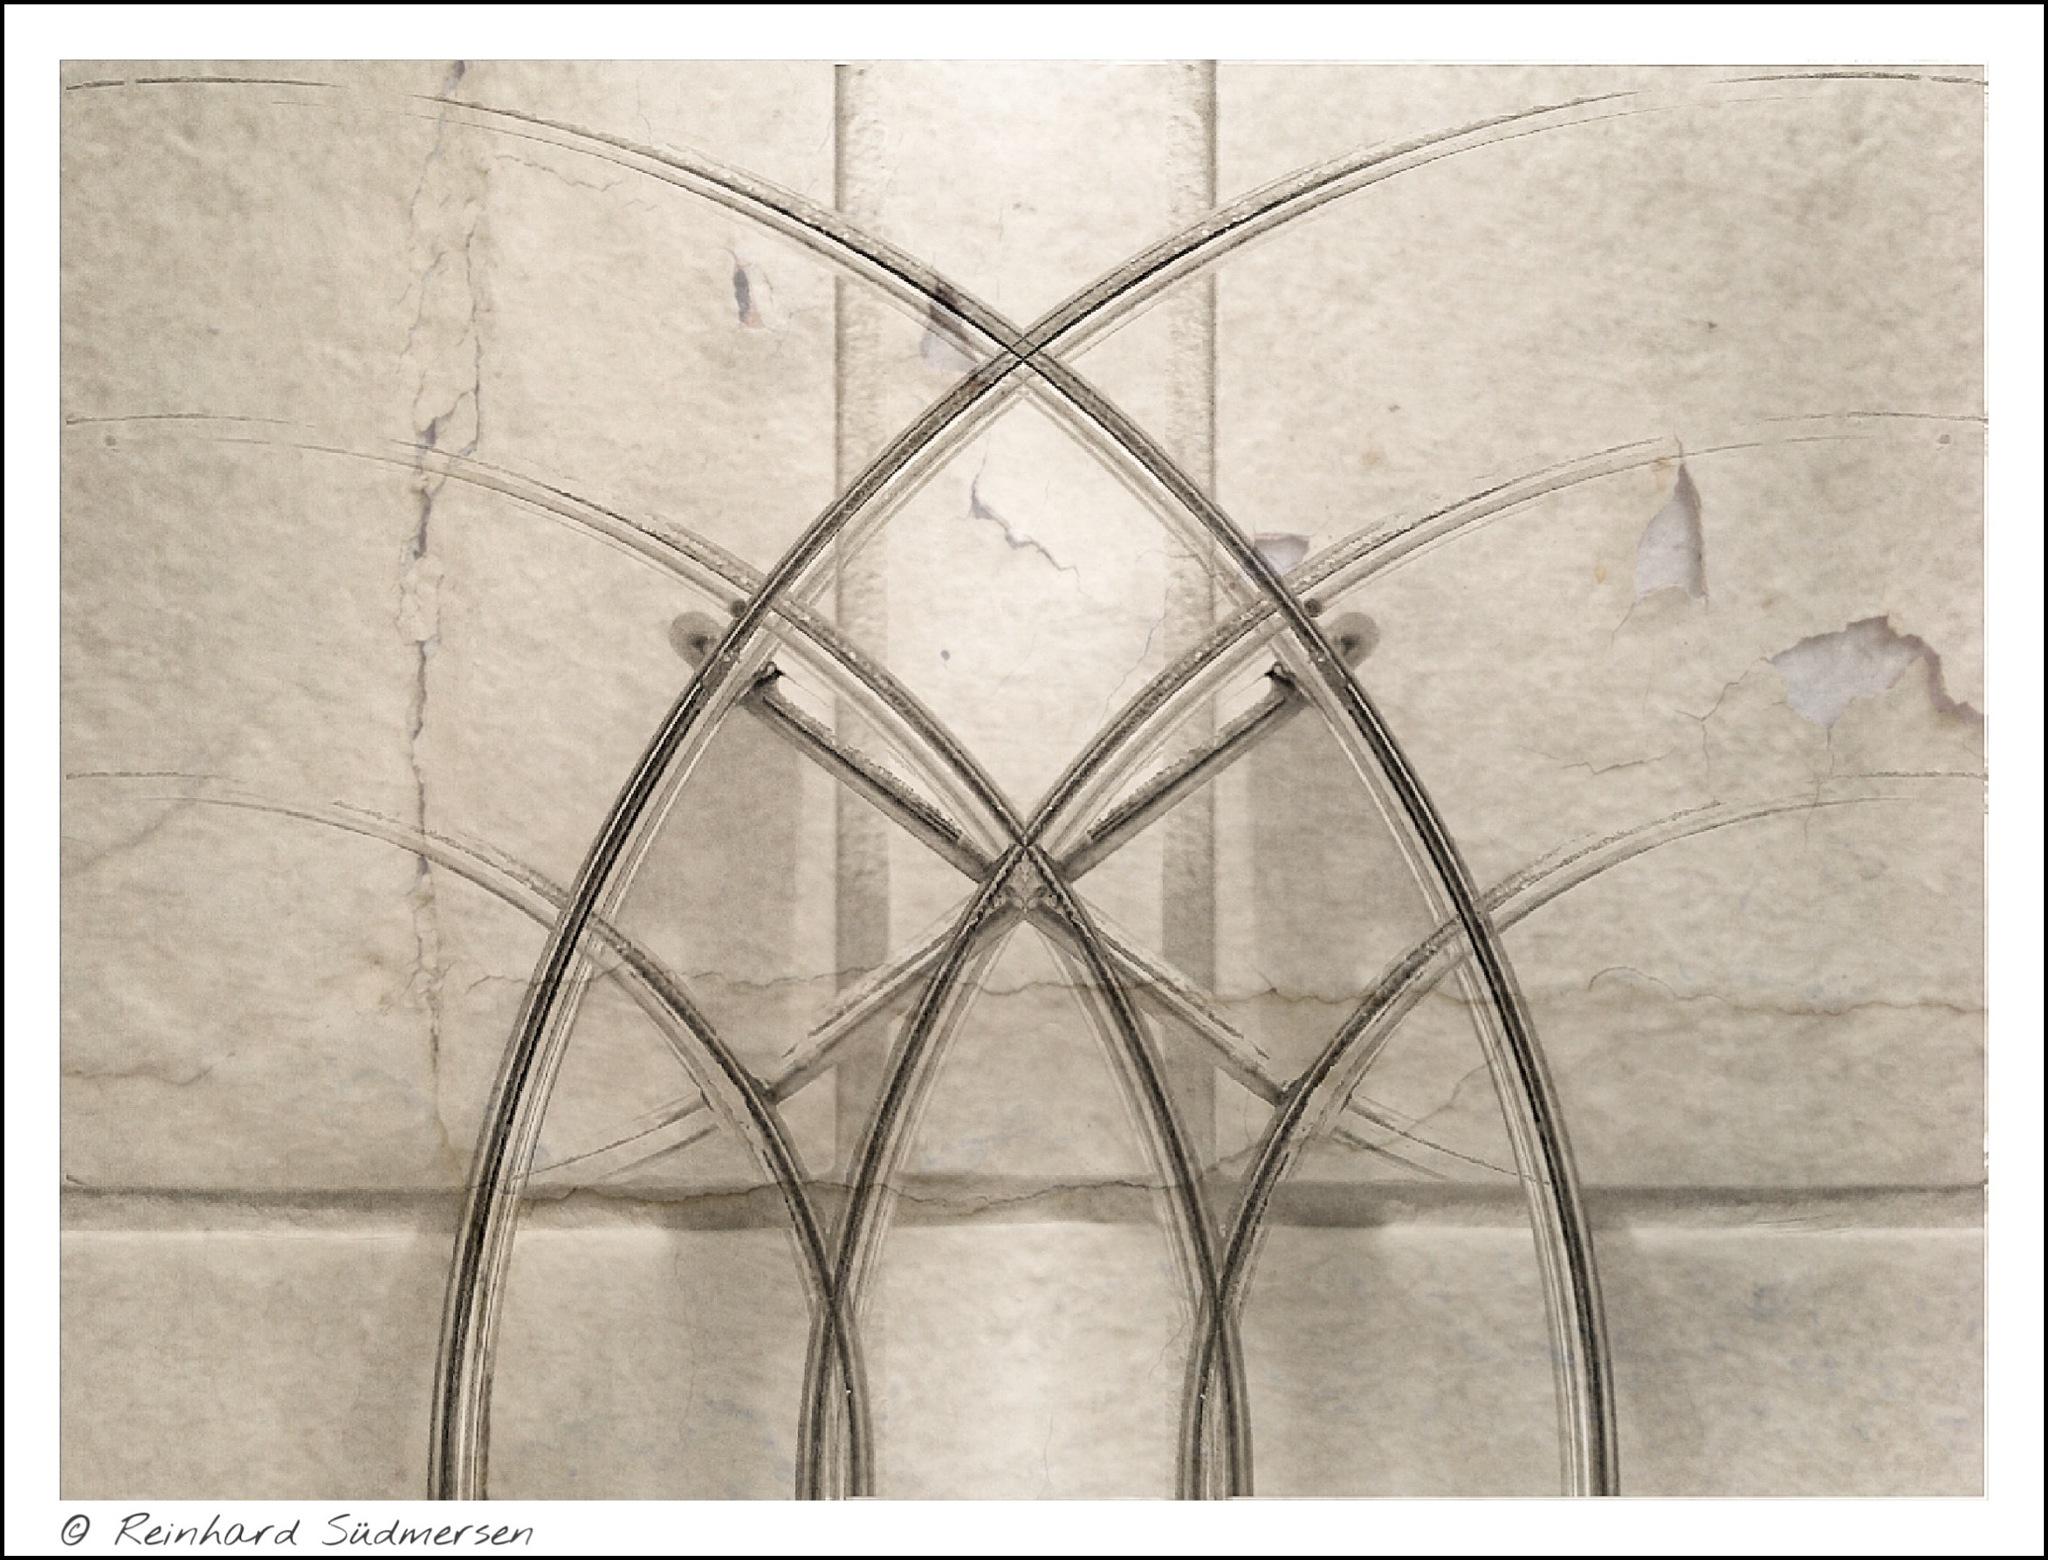 SKETCHED GOTHIC ARCHES by Reinhard Südmersen